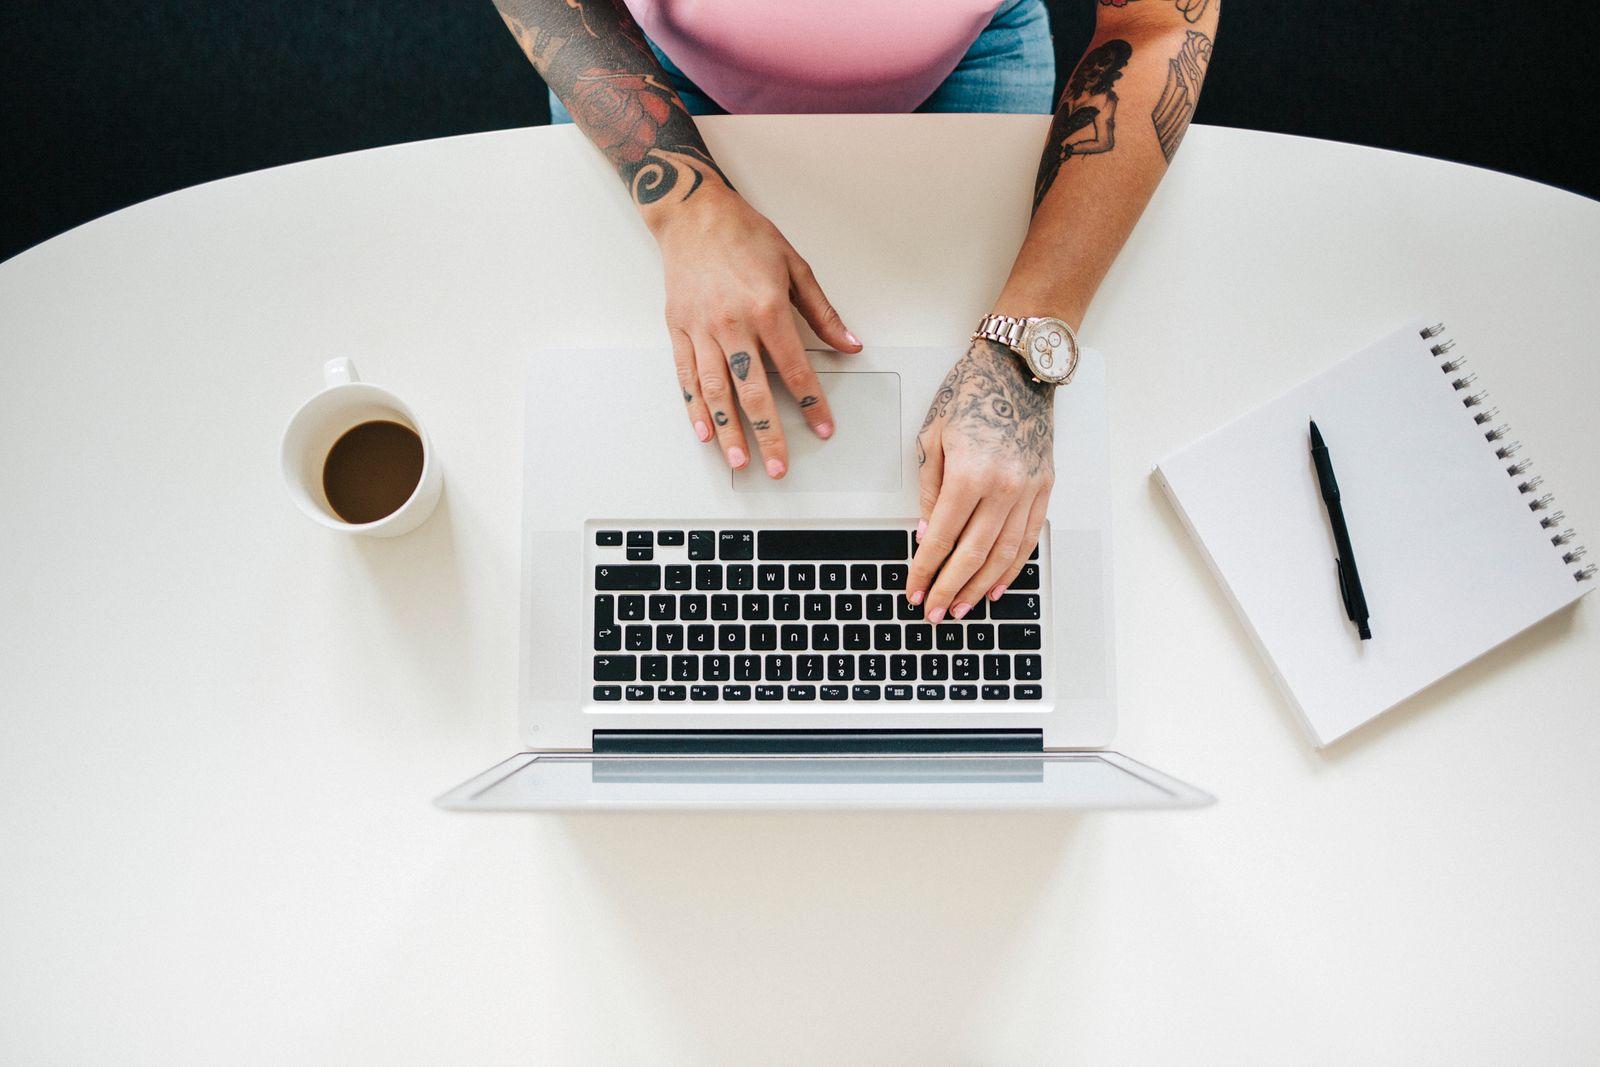 FAQ für Online-Klausuren